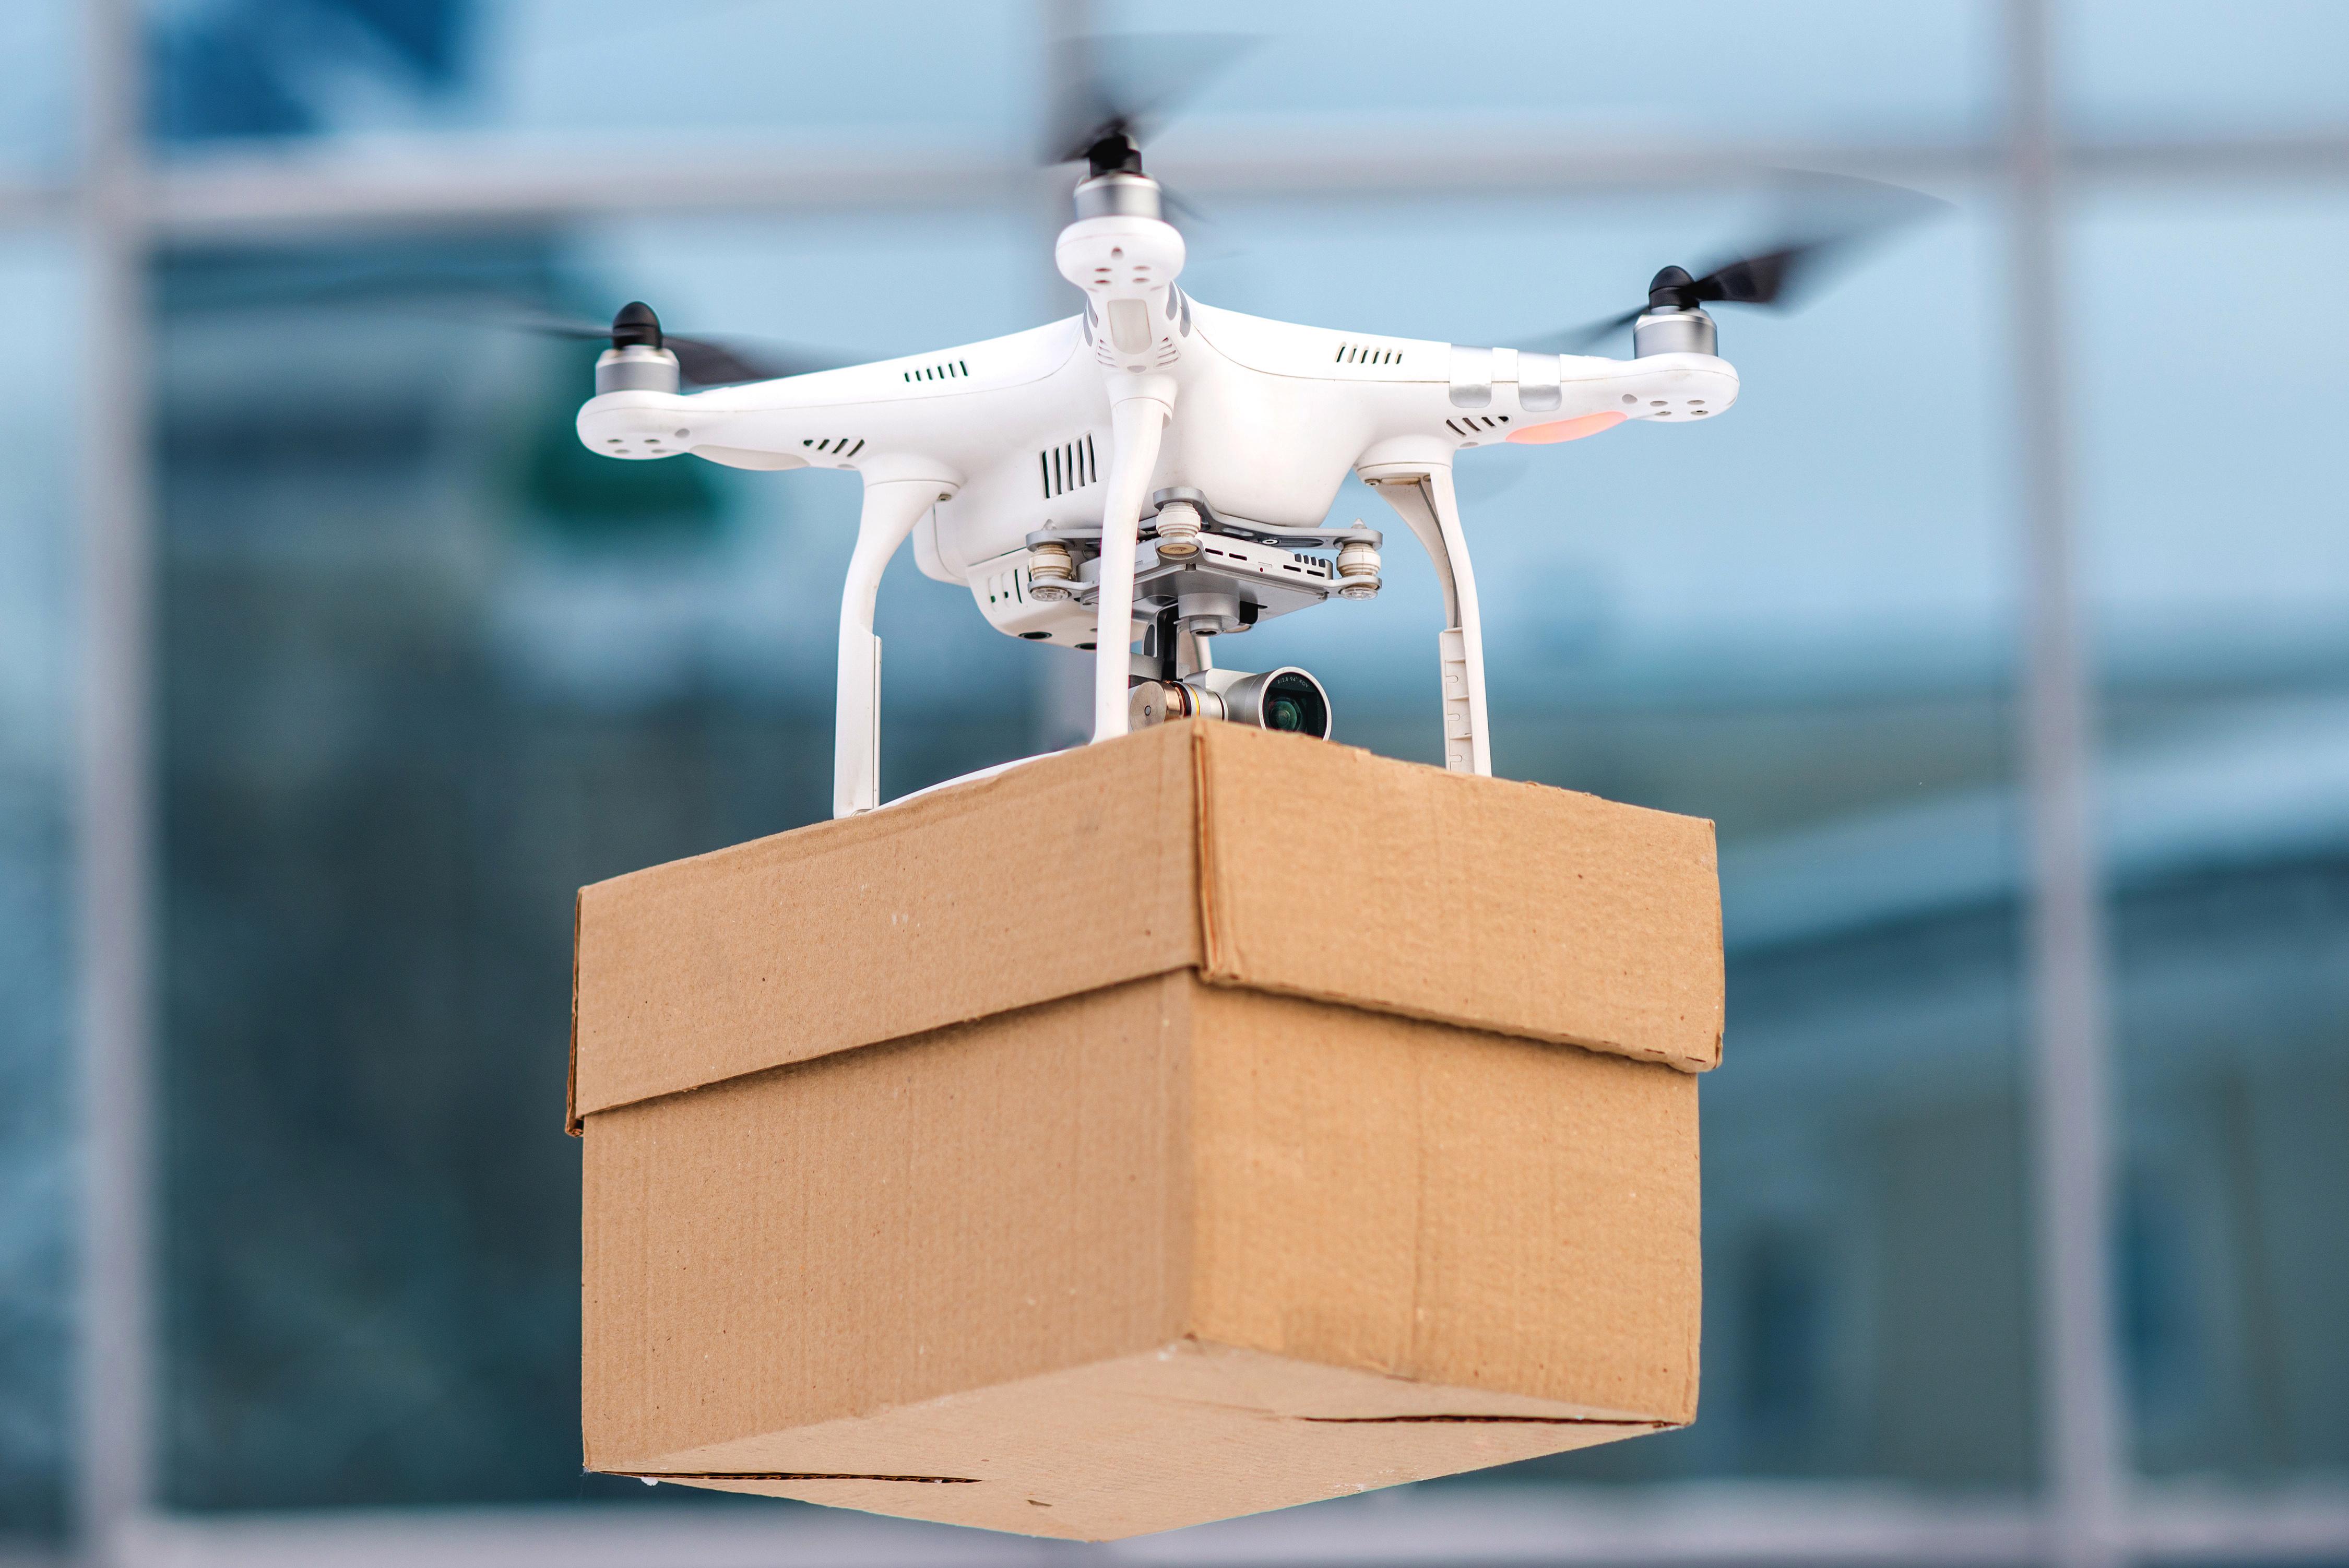 В Ижевске в условиях пандемии организовали доставку еды дронами